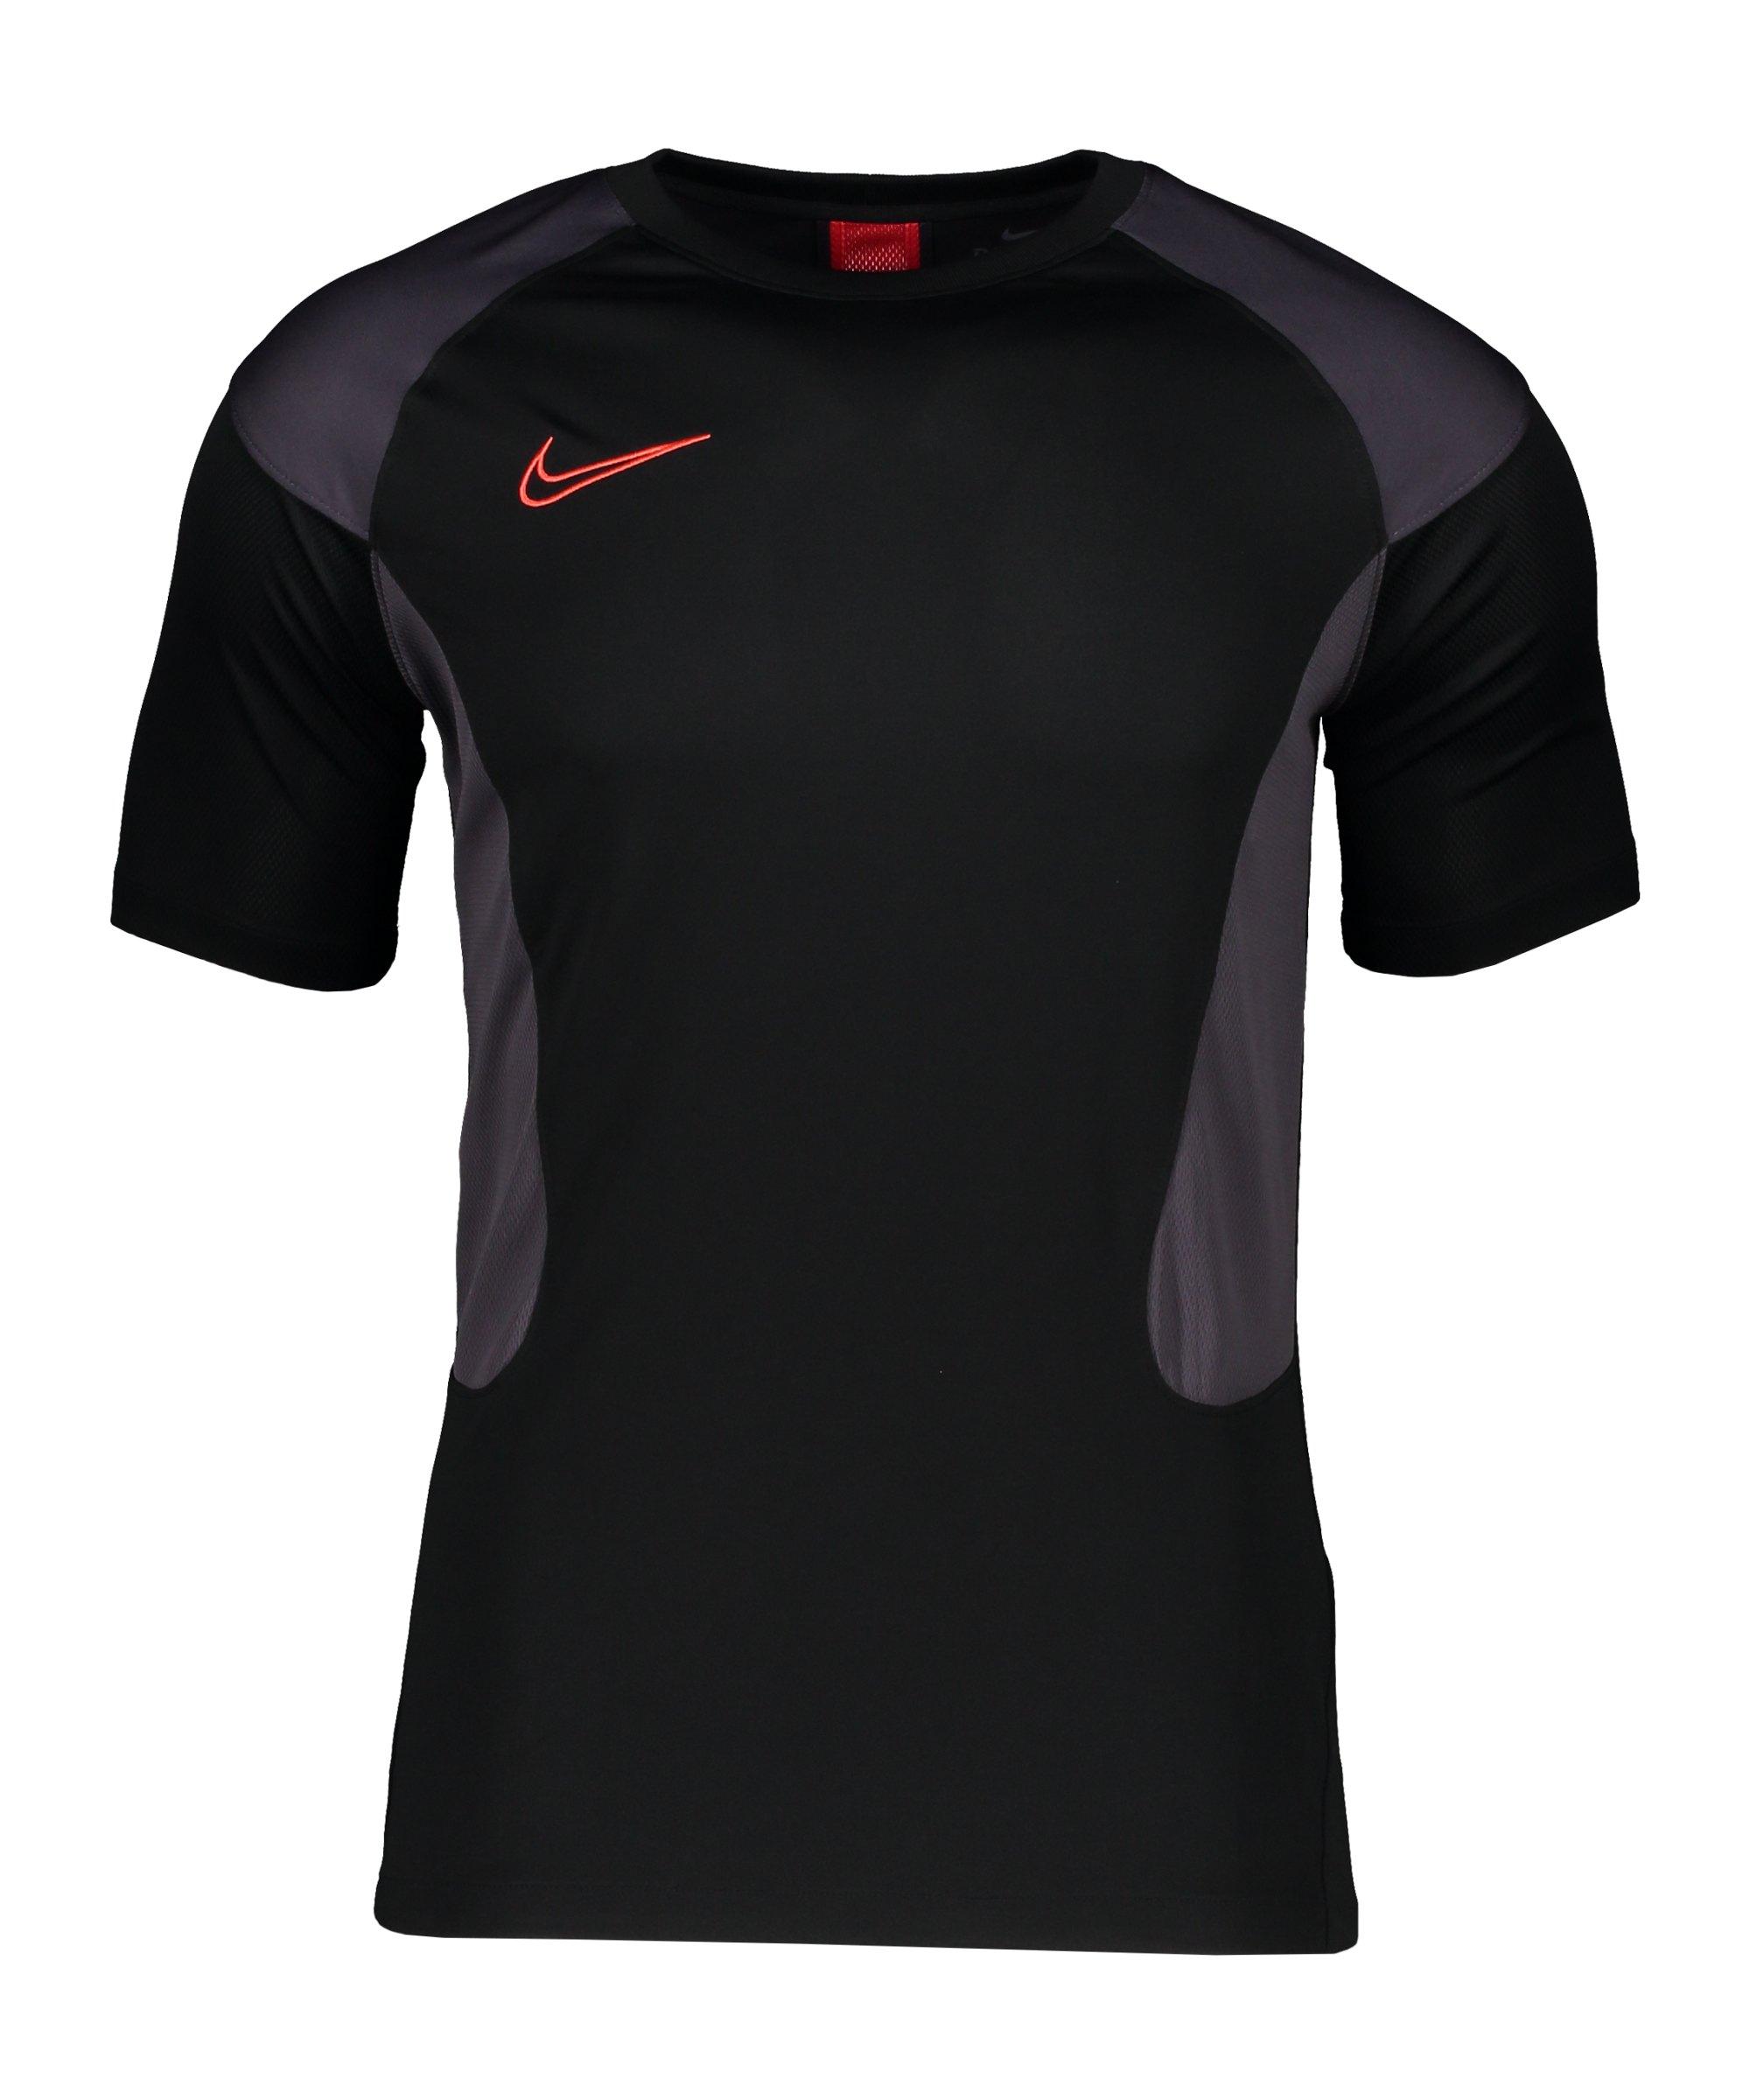 Nike Dry Academy T-Shirt Schwarz Lila F011 - schwarz